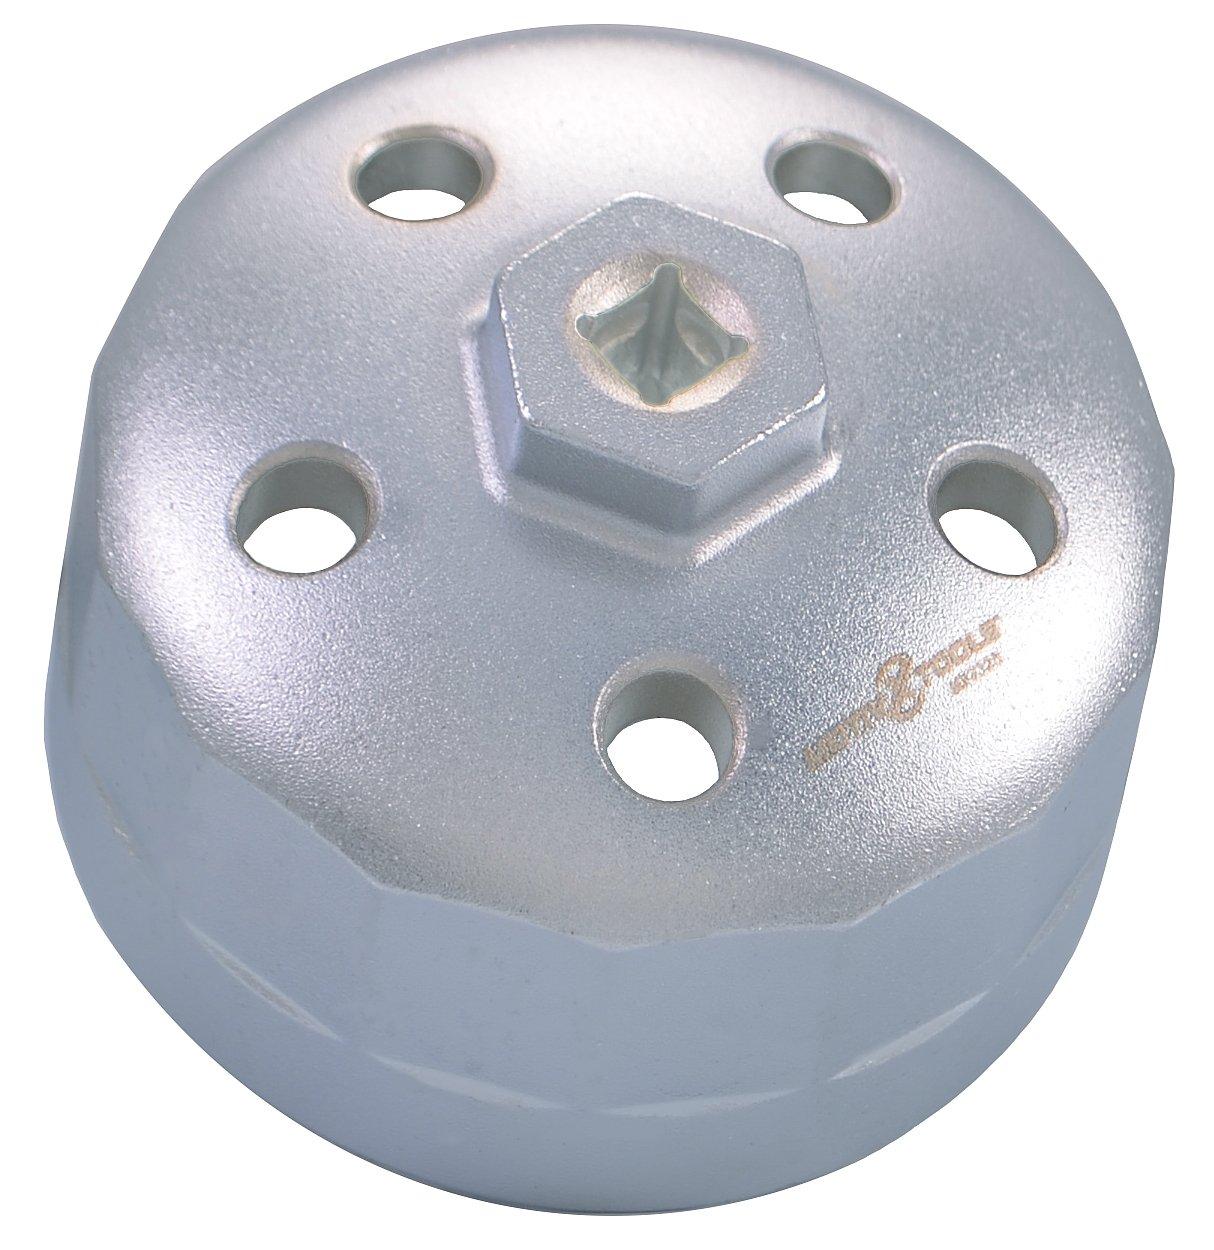 Motivx Tools 90mm 15 Flute Oil Filter Wrench for Land Rover & Jaguar - Fits 3.0L & 5.0L Gas Engines